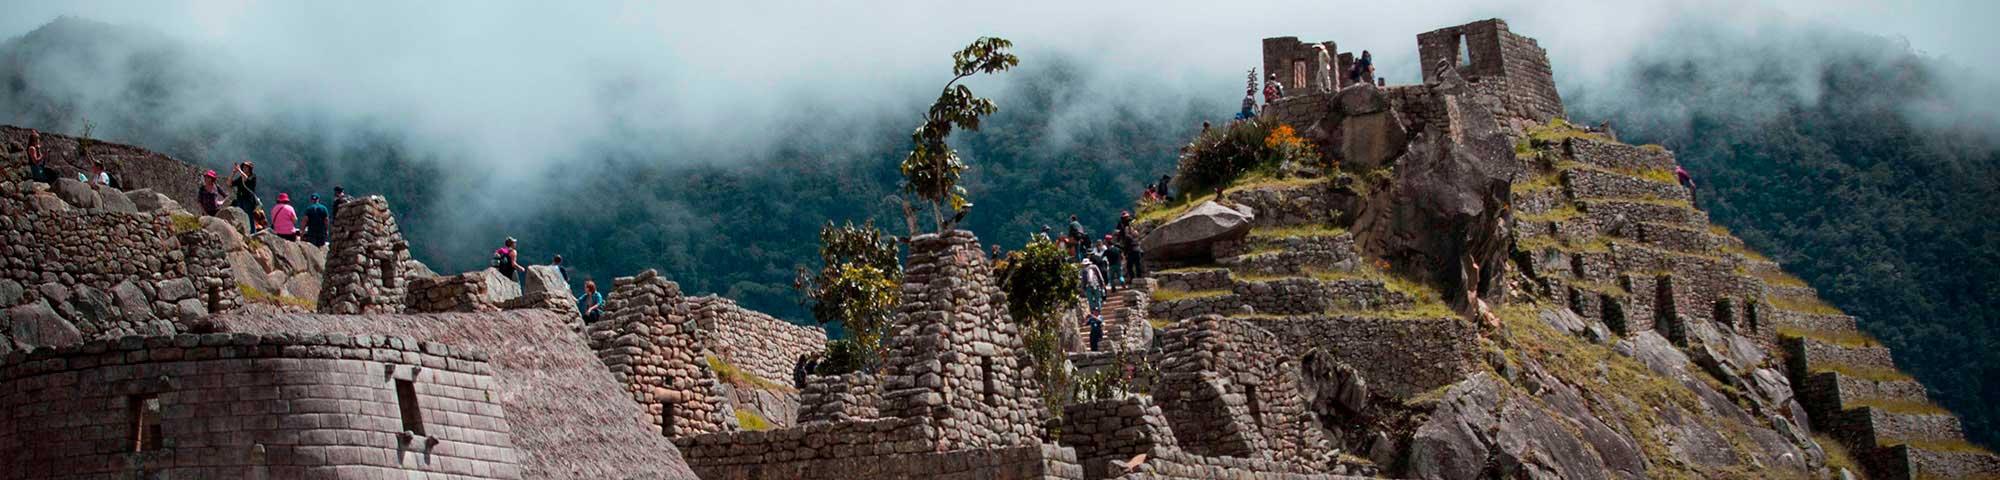 Mincetur promoverá medidas para mejorar condiciones del aforo para que más turistas visiten Macchu Picchu